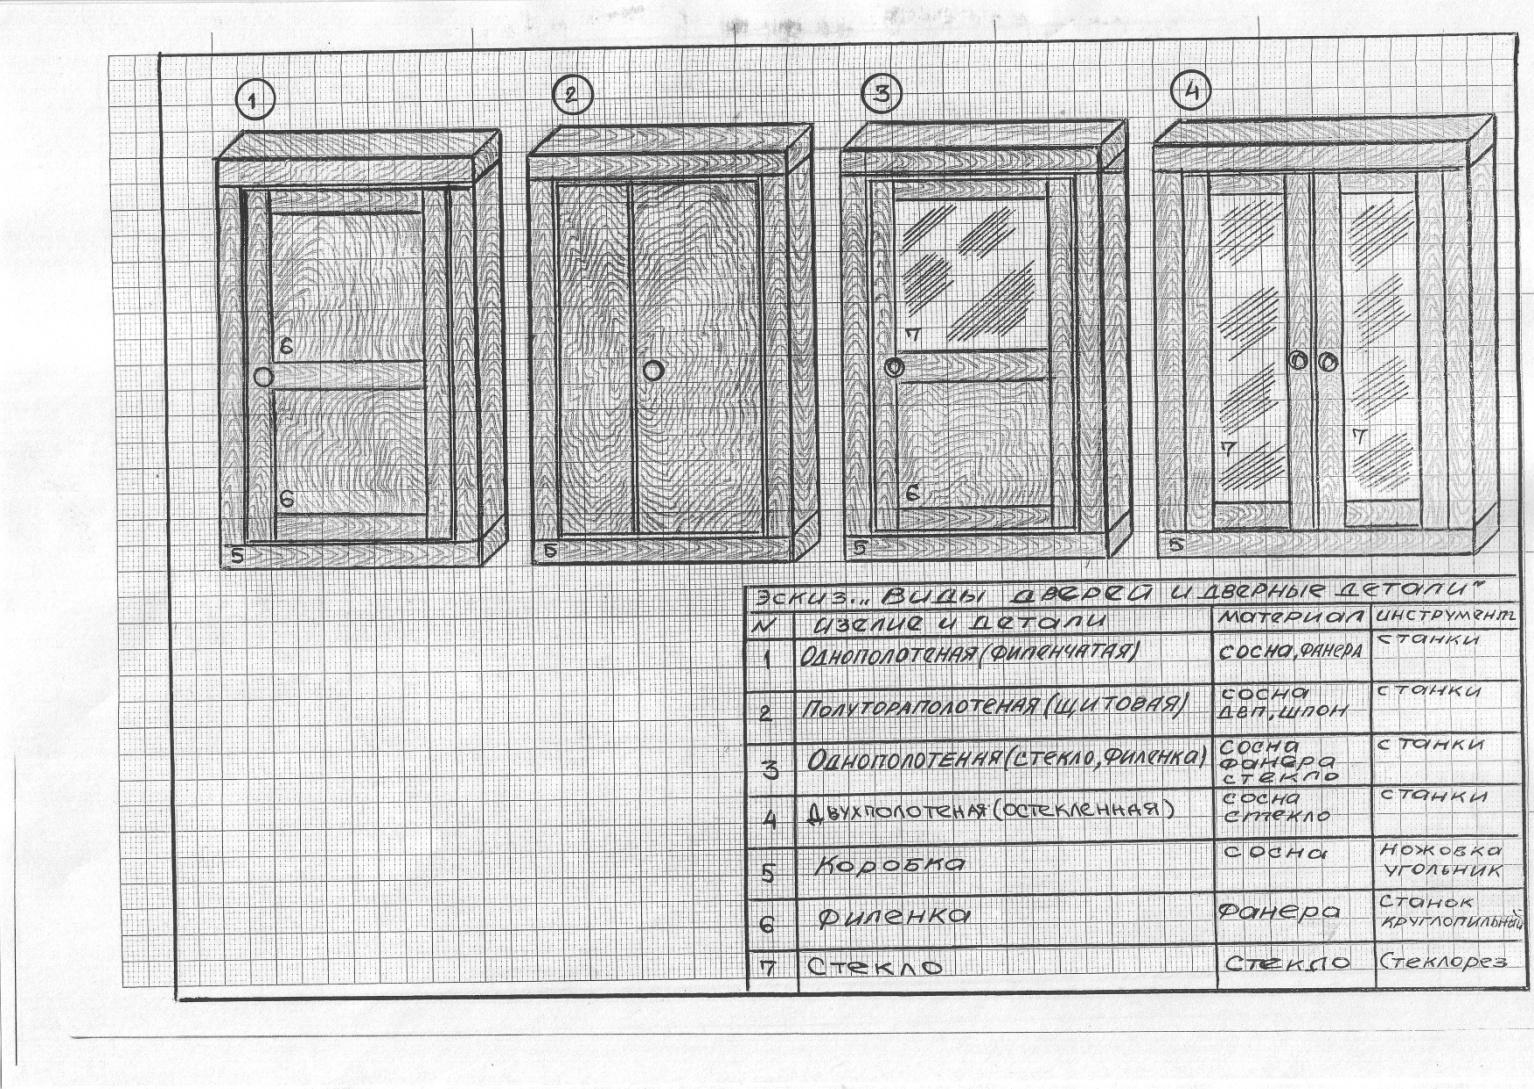 F:\изделия и эскизы\10- 12 класс\Эскизы\Image0010.JPG